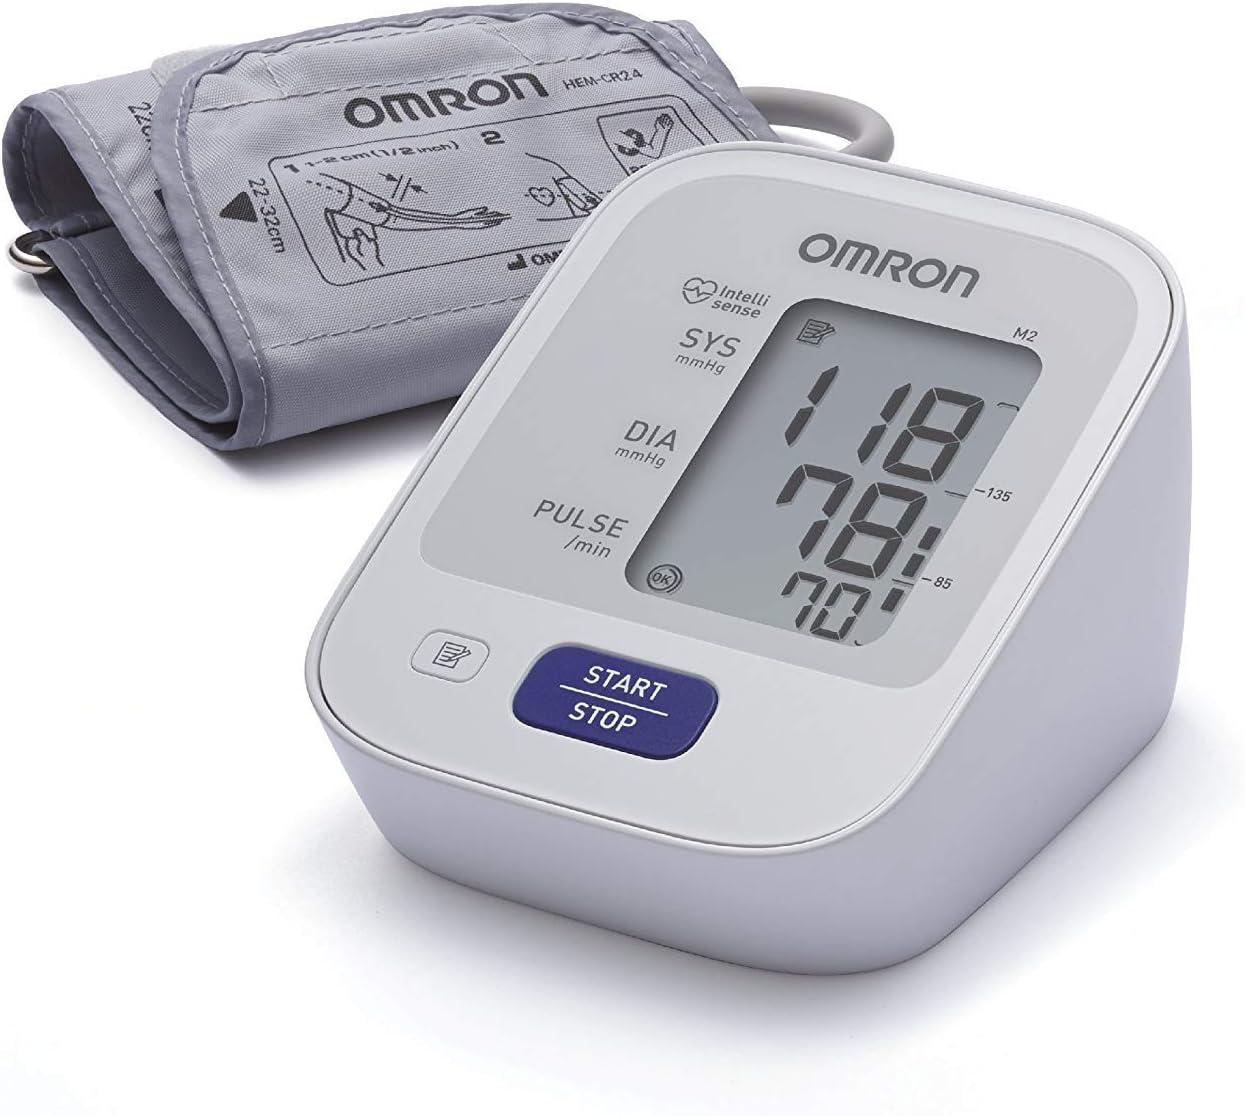 OMRON M2 - Tensiómetro de brazo, detección del pulso arrítmico, tecnología Intellisense para dar lecturas de presión arterial rápidas, cómodas y precisas